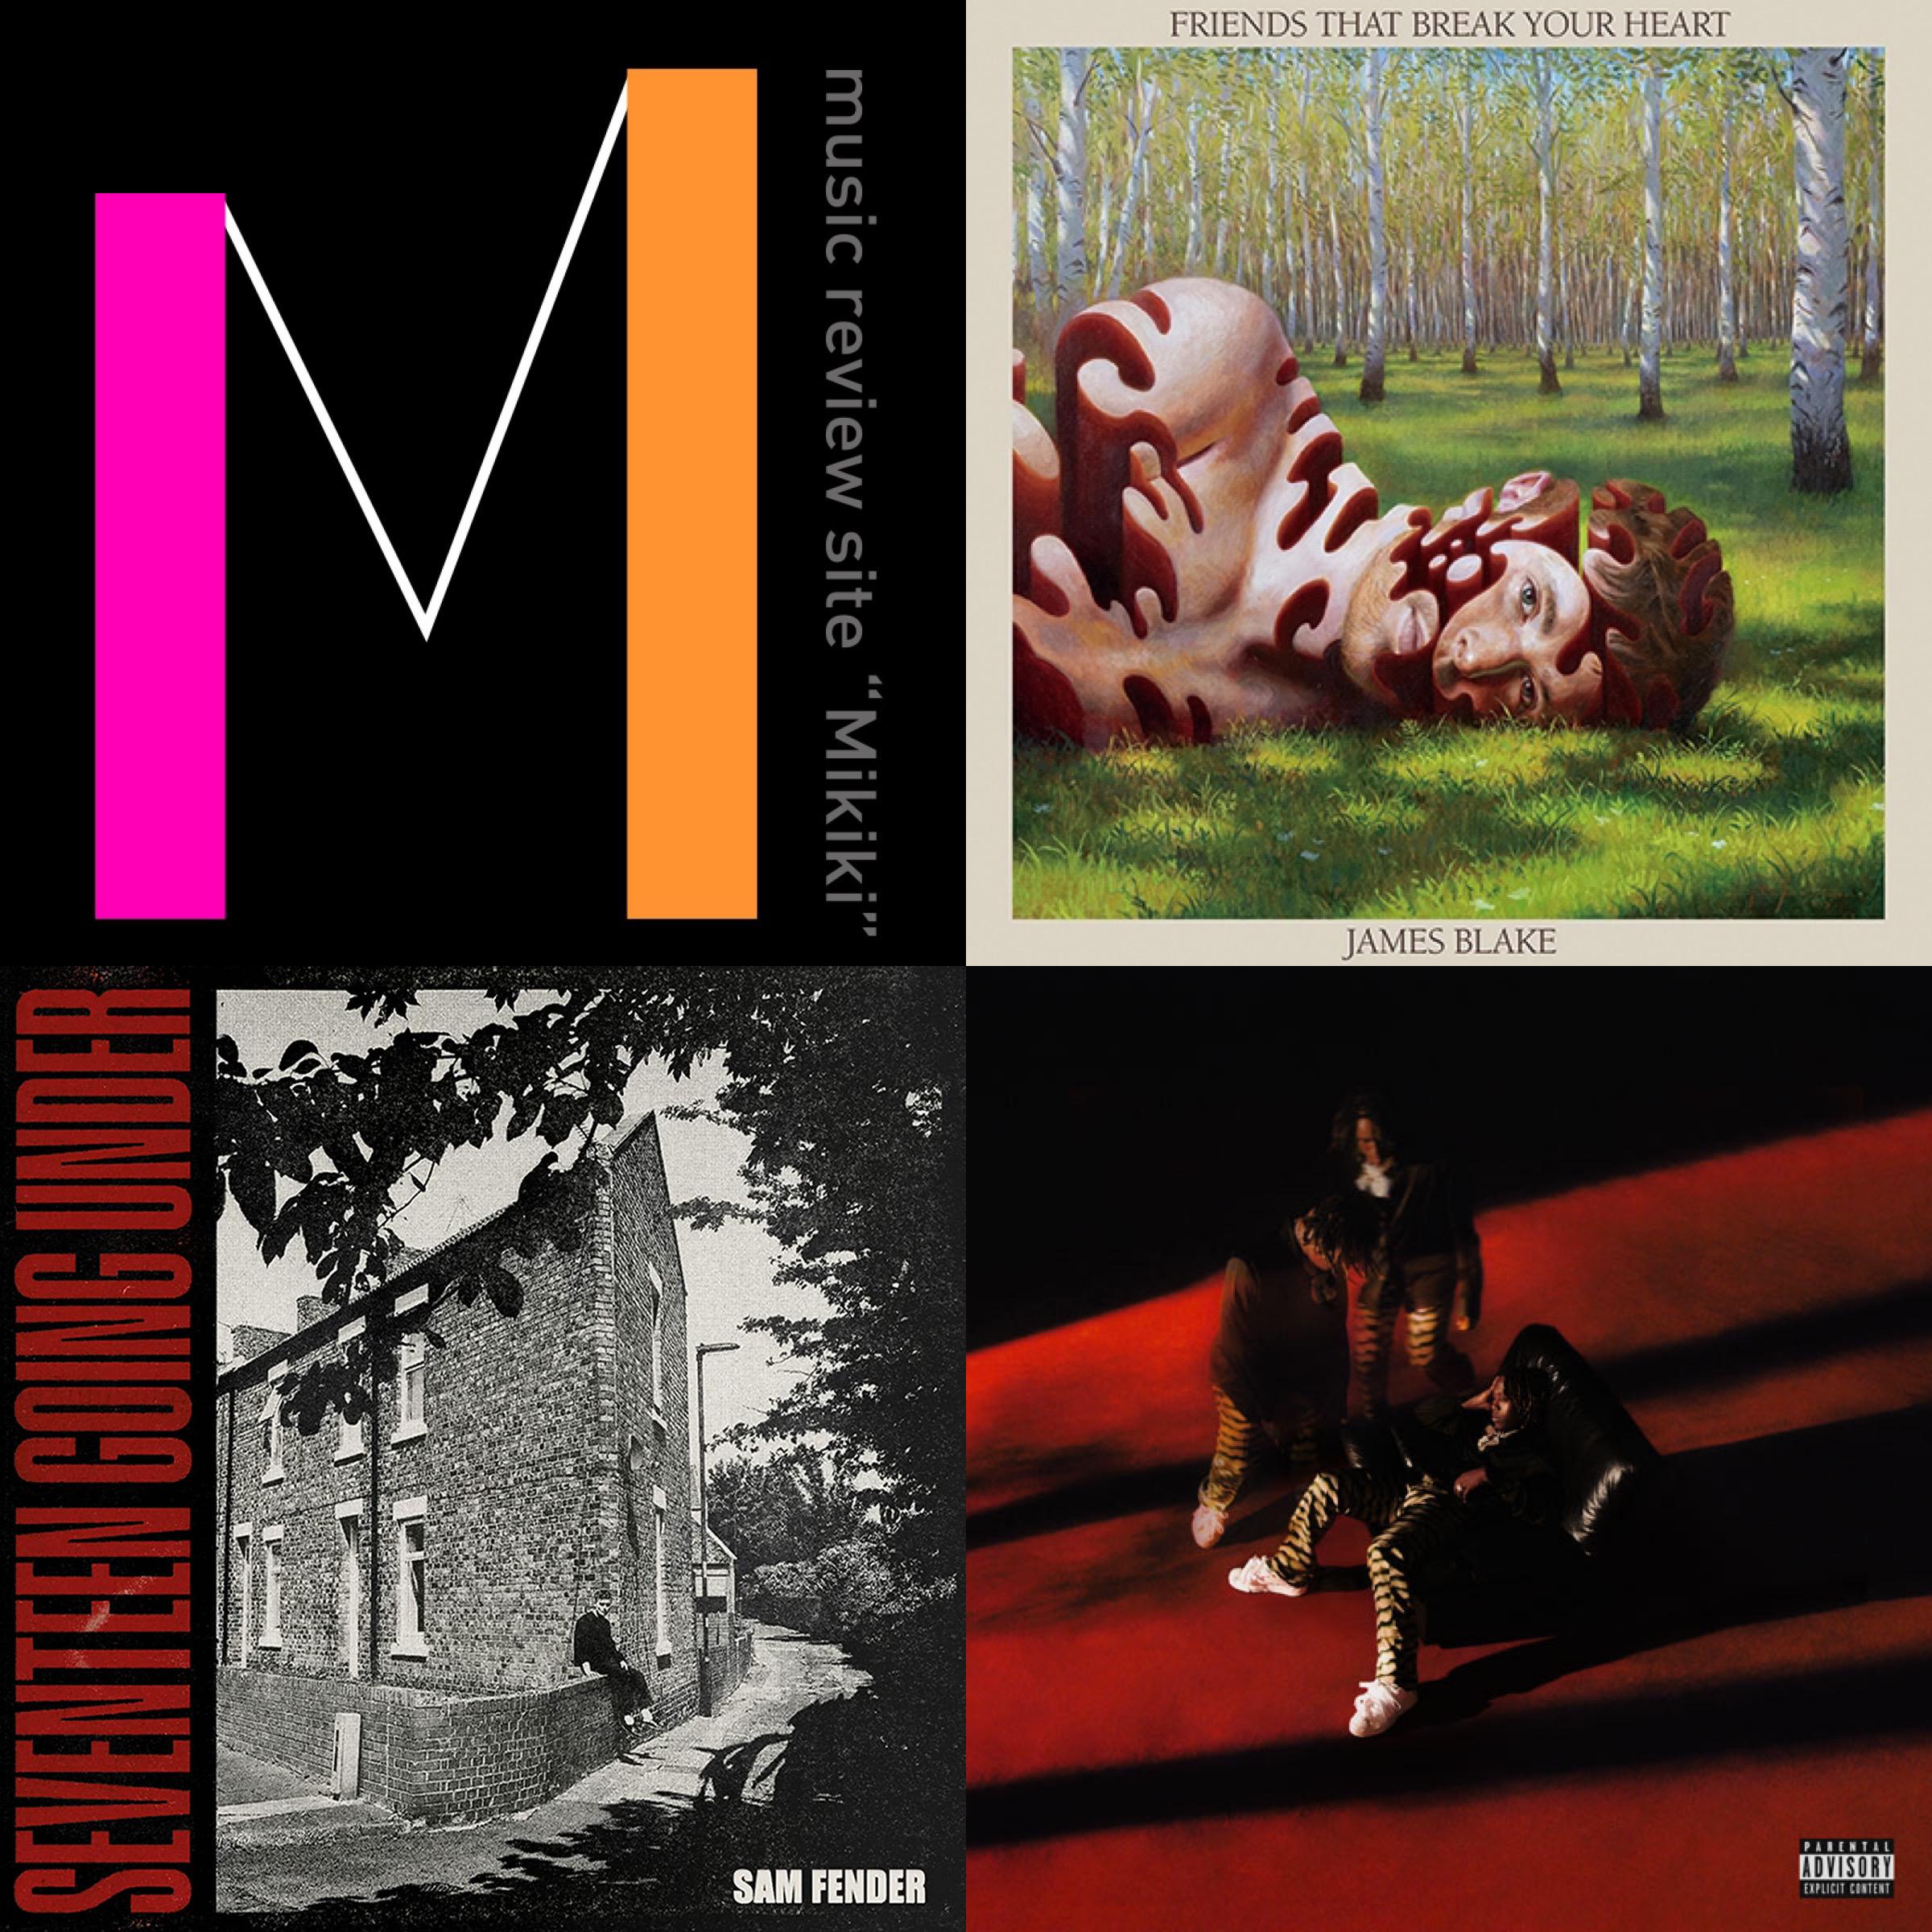 ジェイムズ・ブレイク(James Blake)、サム・フェンダー(Sam Fender)など今週リリースのMikiki推し洋楽アルバム7選!